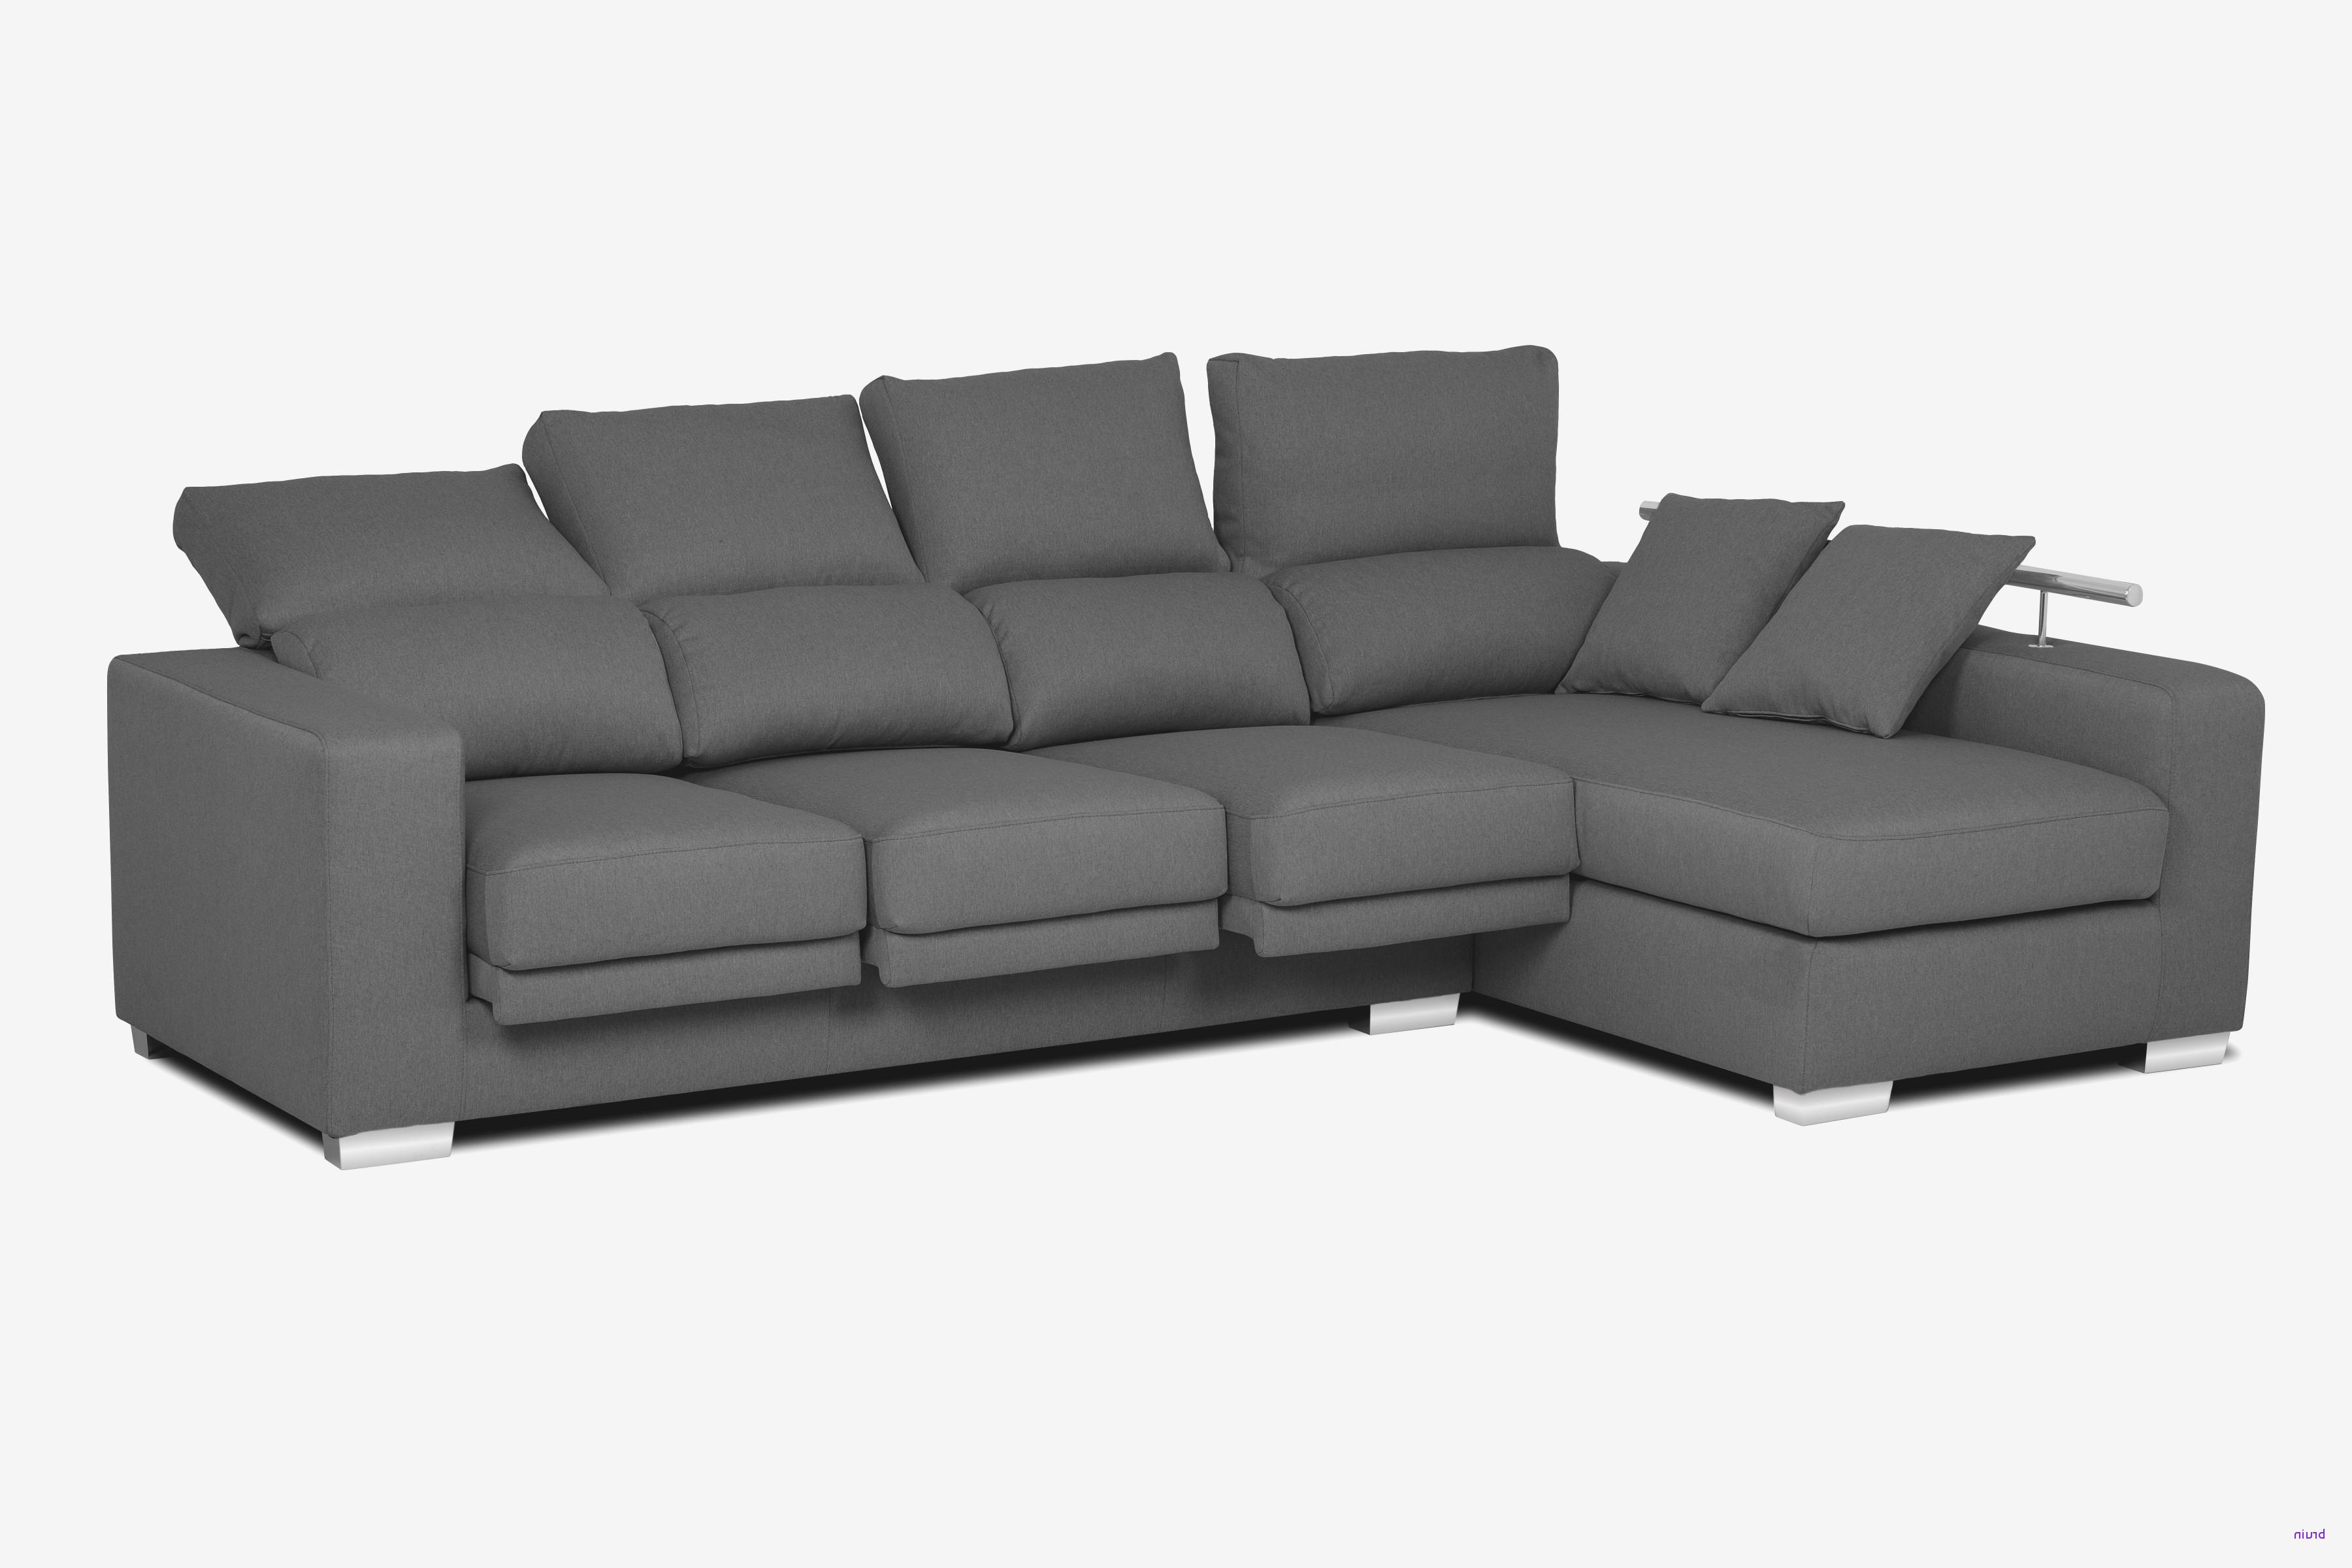 Sofas Chaise Longue Conforama Jxdu Belle Chaise Longue Conforama à 25 Inspirador sofa Cama Conforama